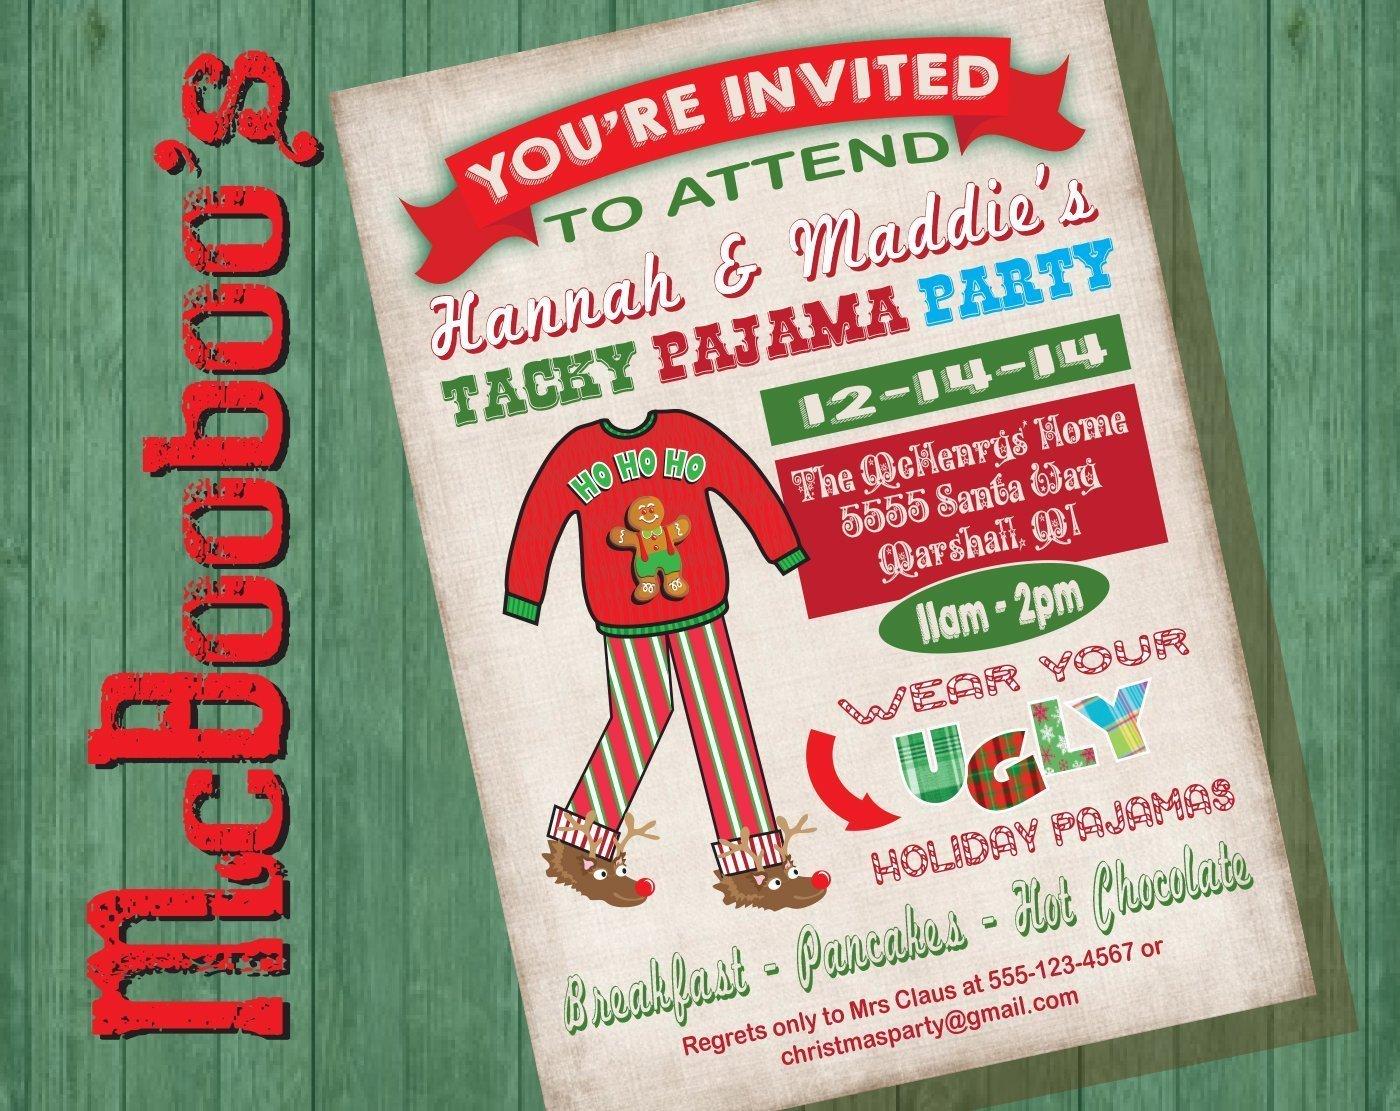 Pancakes Pajamas Birthday Party Invitation fancy invitation wording